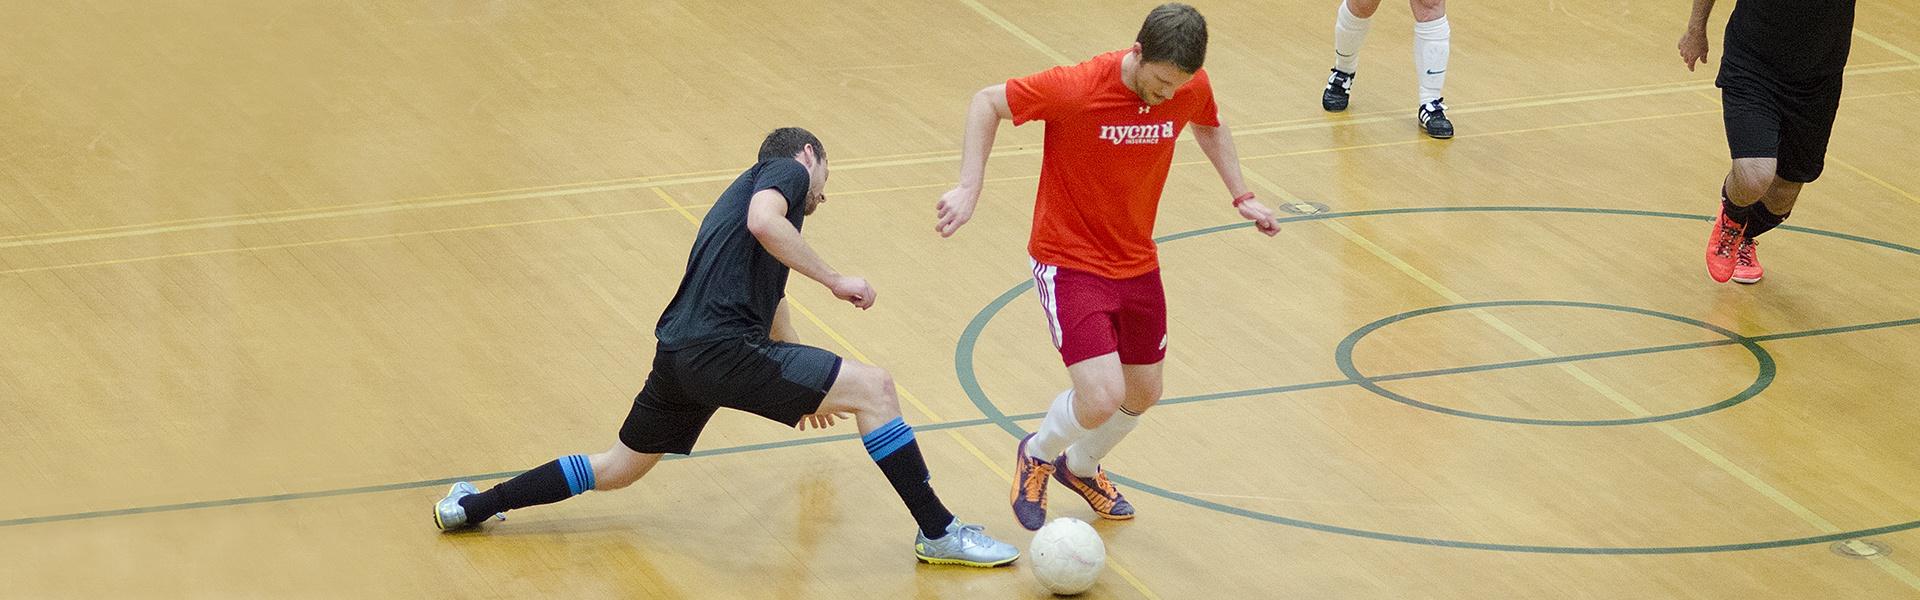 Kỹ thuật bóng đá Futsal 5 người